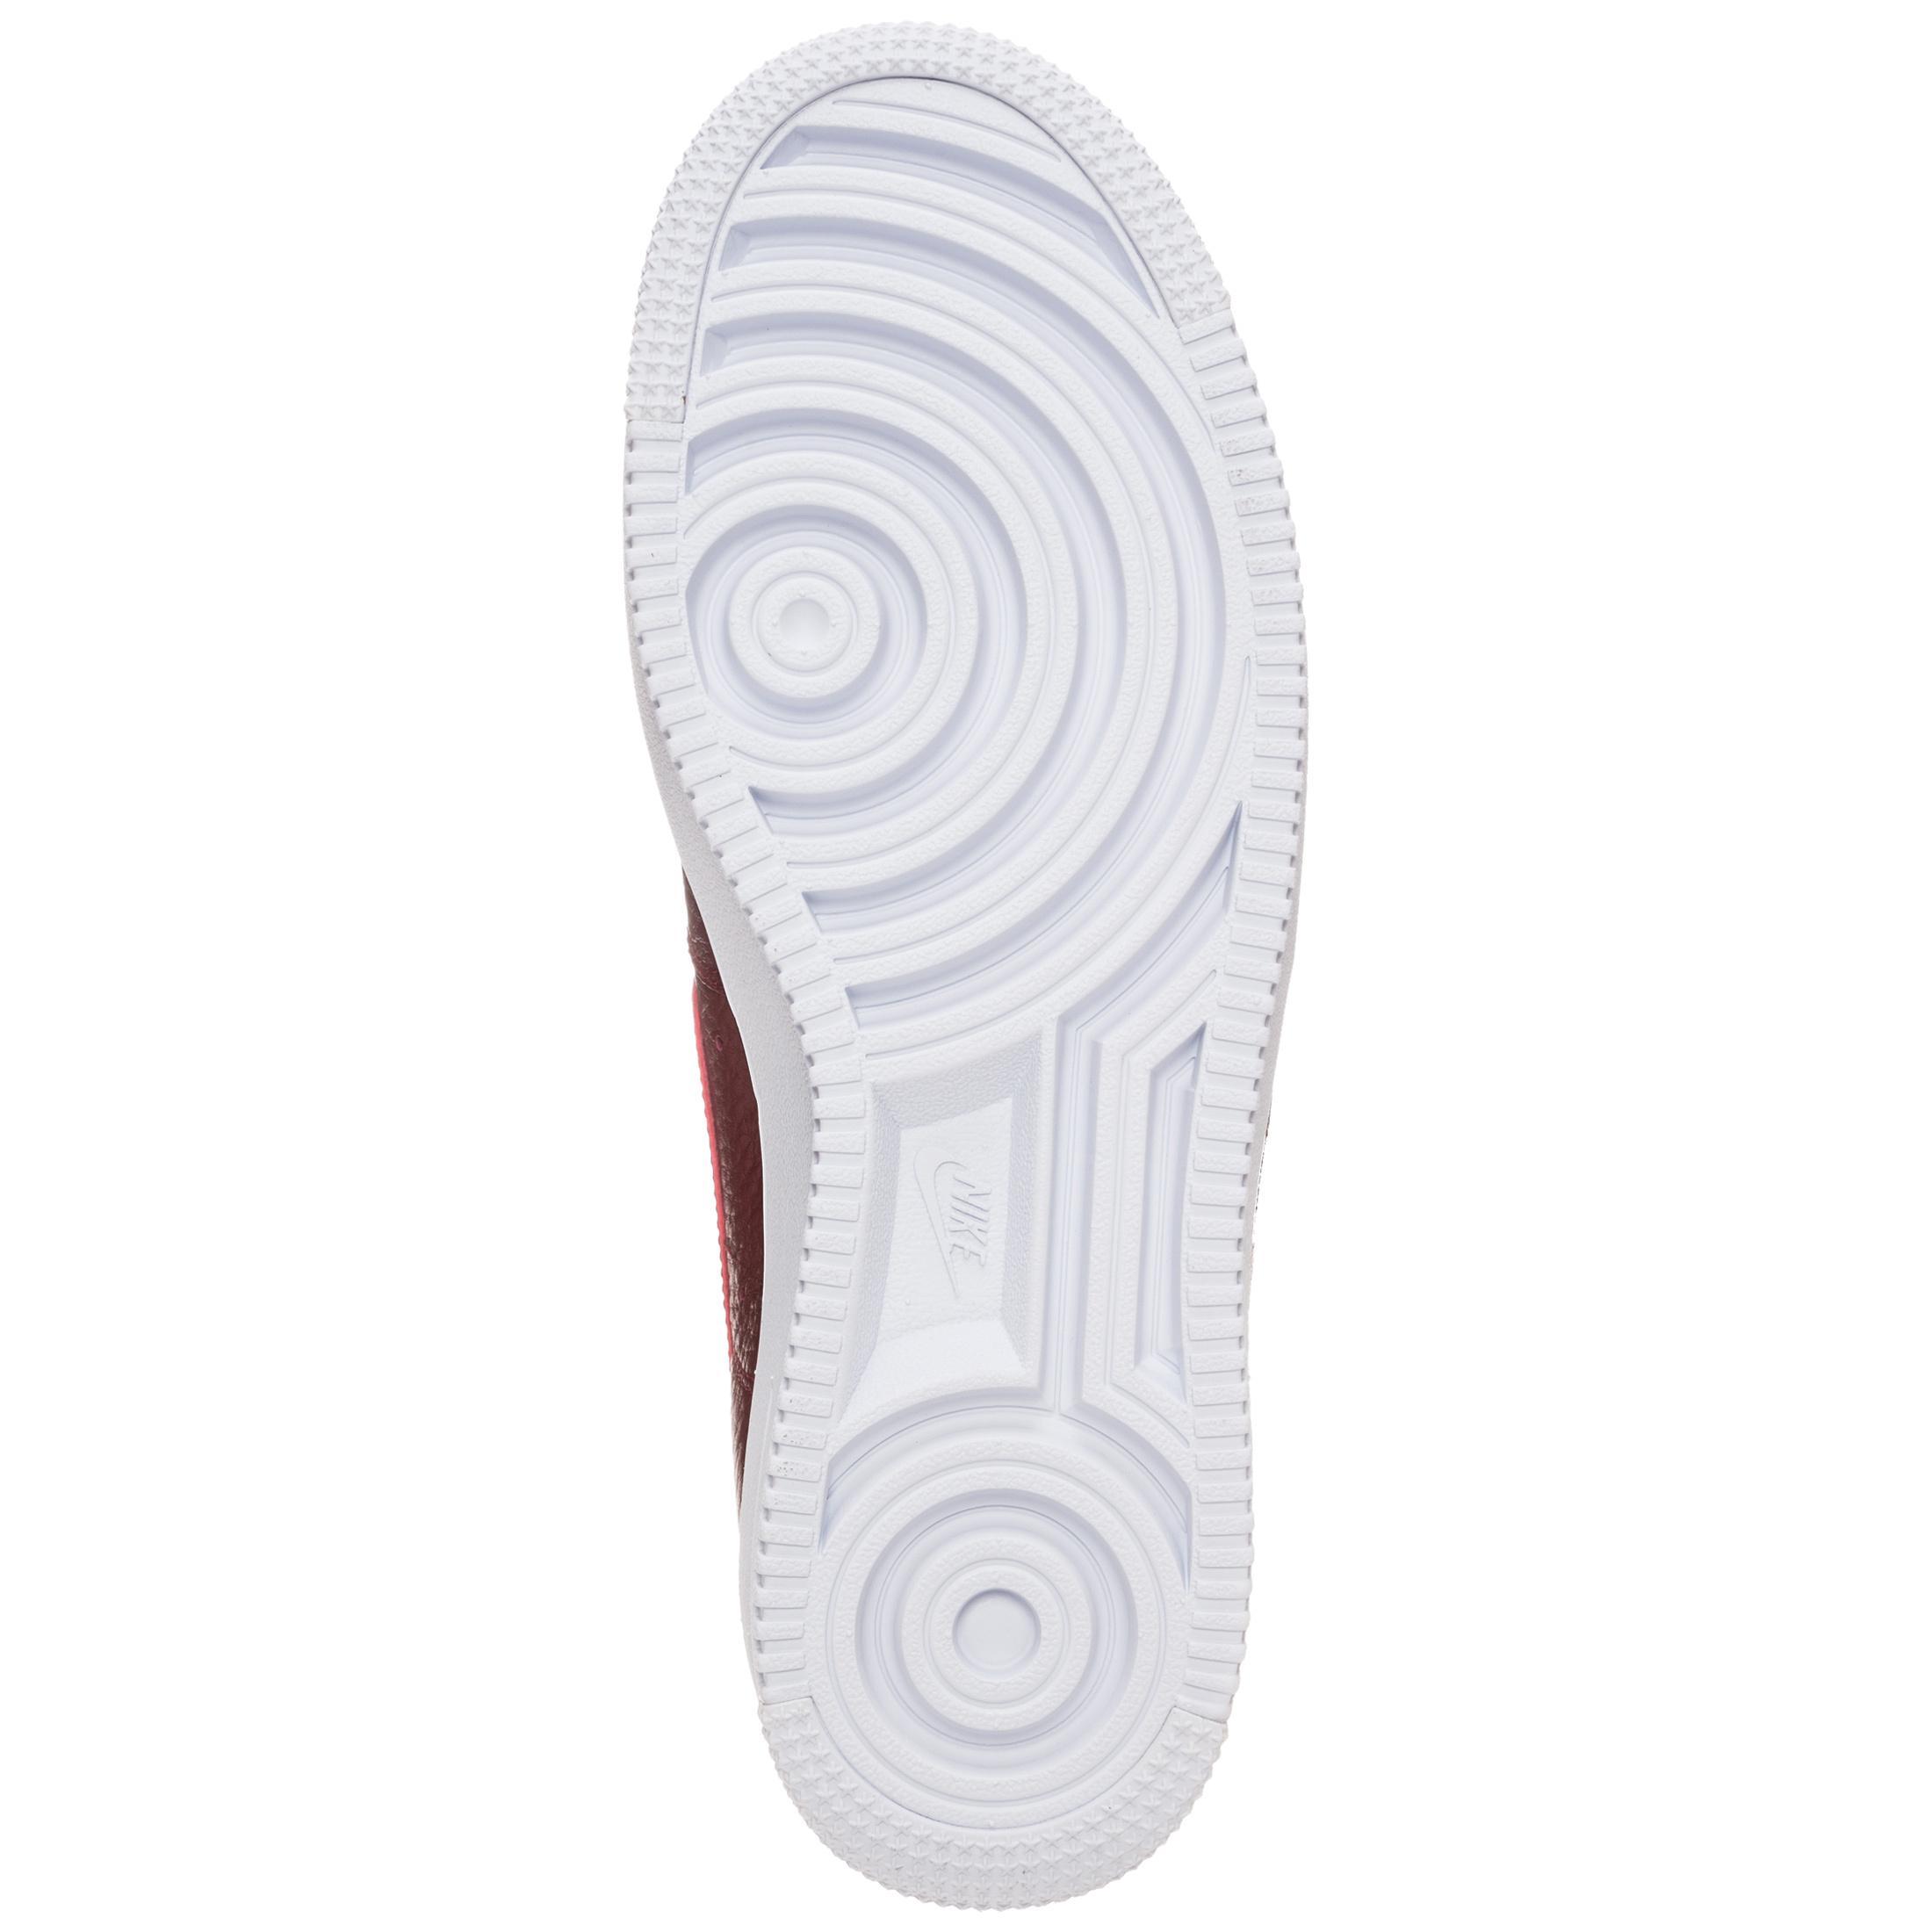 Nike Air Force 1 UltraForce Sneaker Herren Herren Herren rot / weiß im Online Shop von SportScheck kaufen Gute Qualität beliebte Schuhe 4f6358